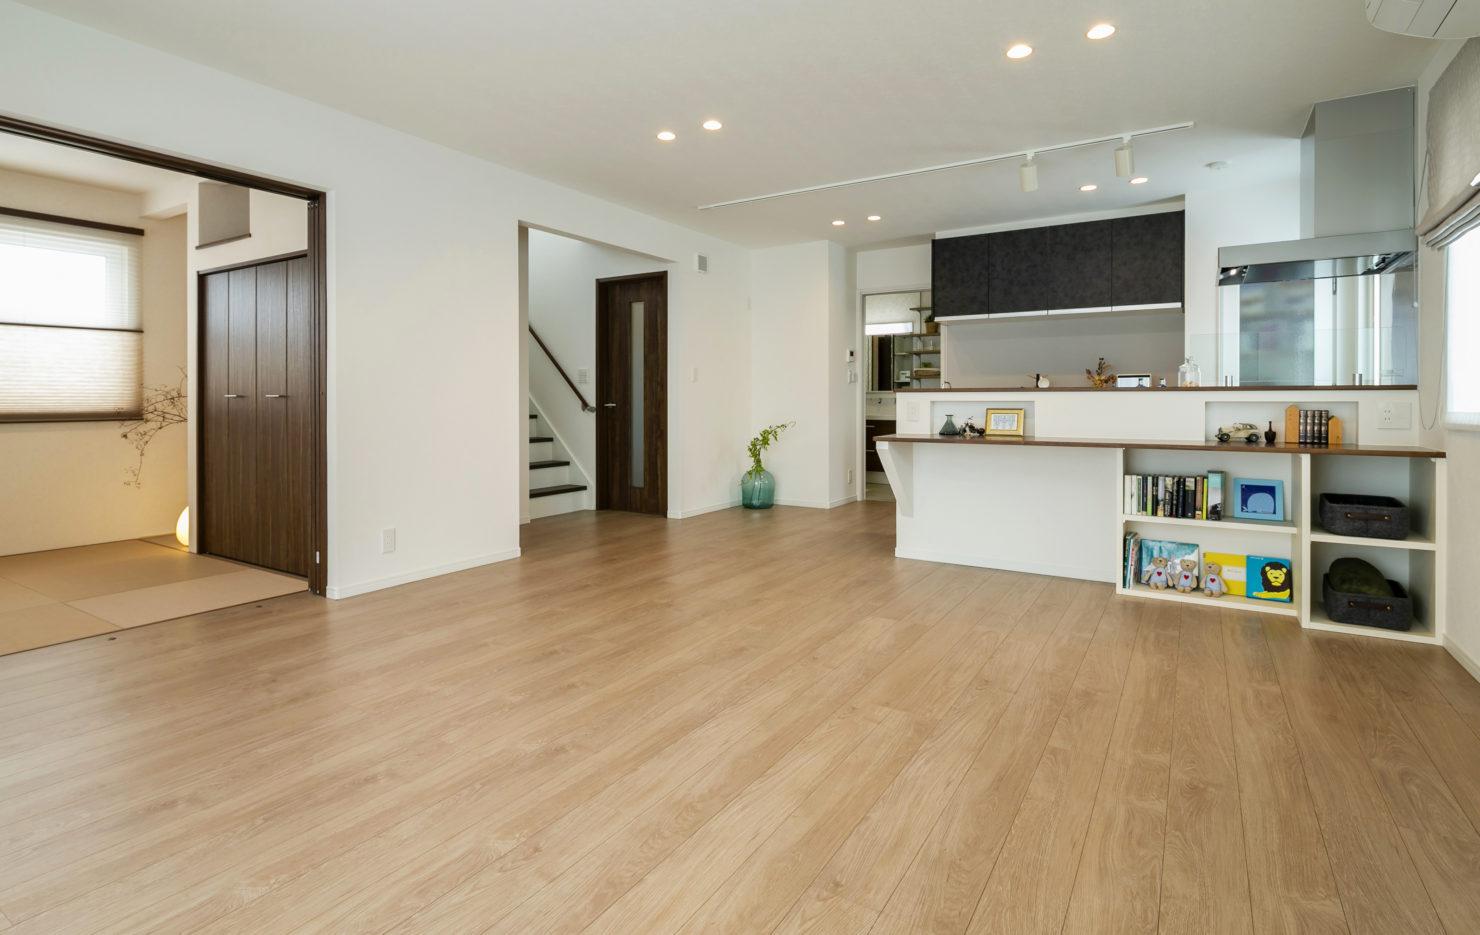 ハウスM21「各階で完結する収納計画が時間のゆとりをもたらす」リビング写真